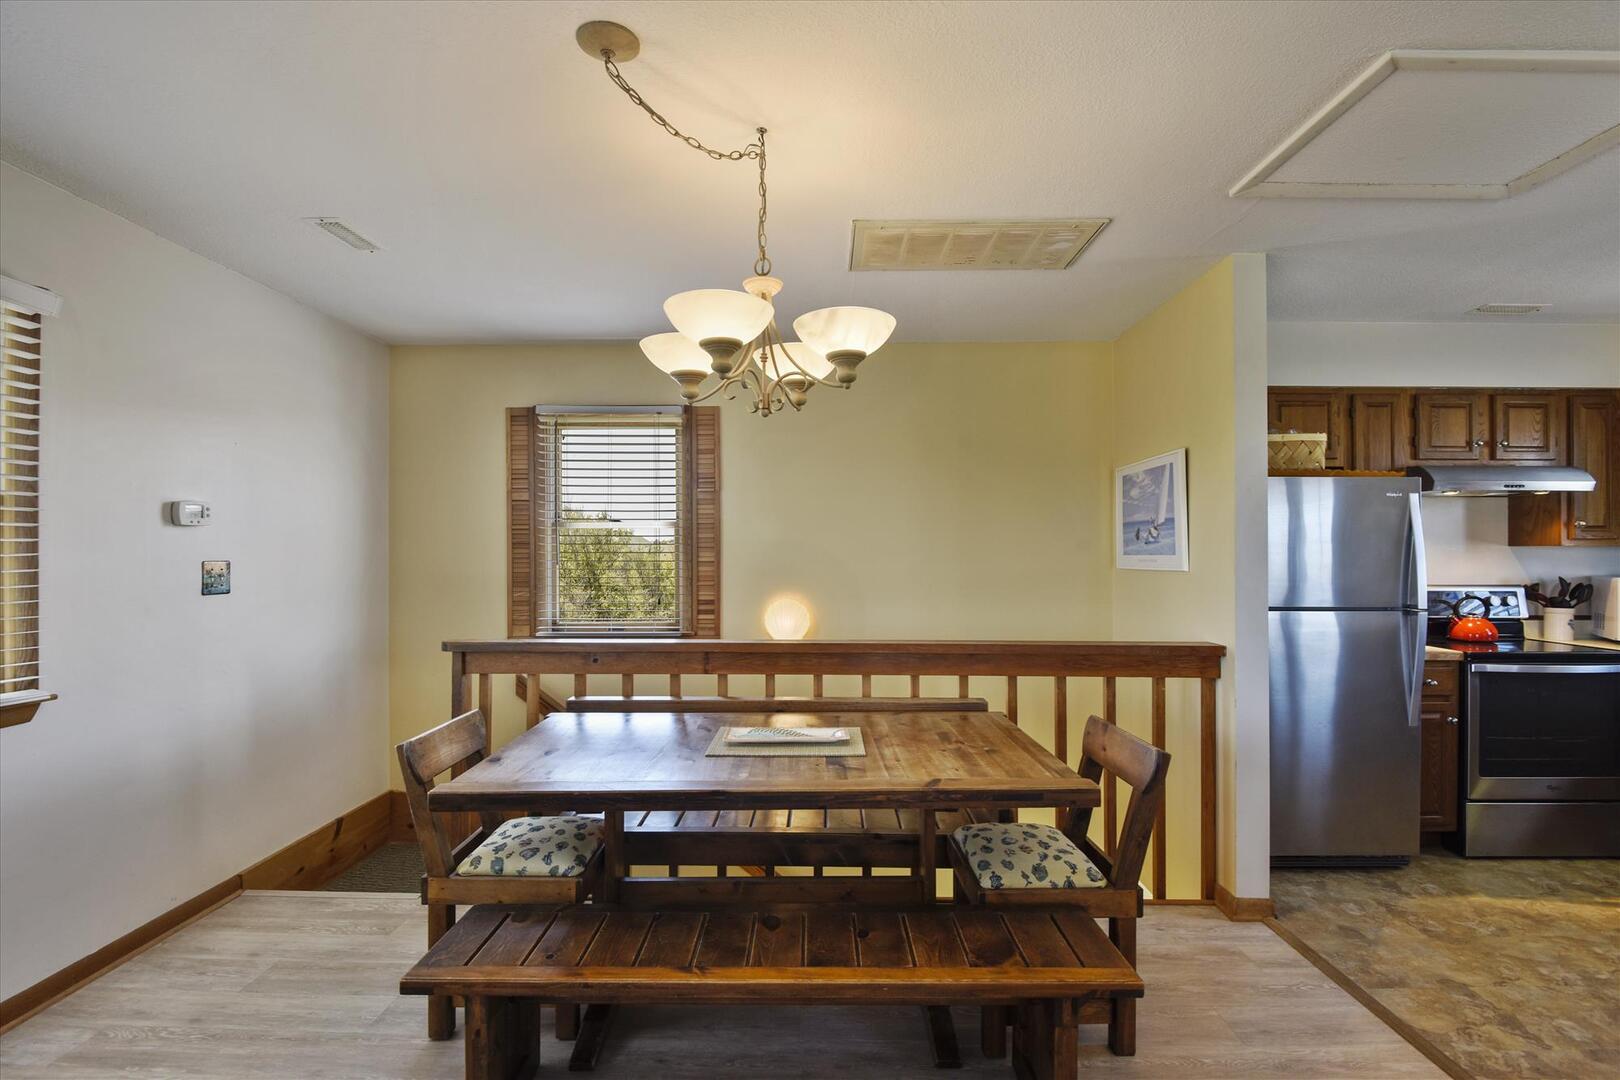 Main/Upper,Dining Area,